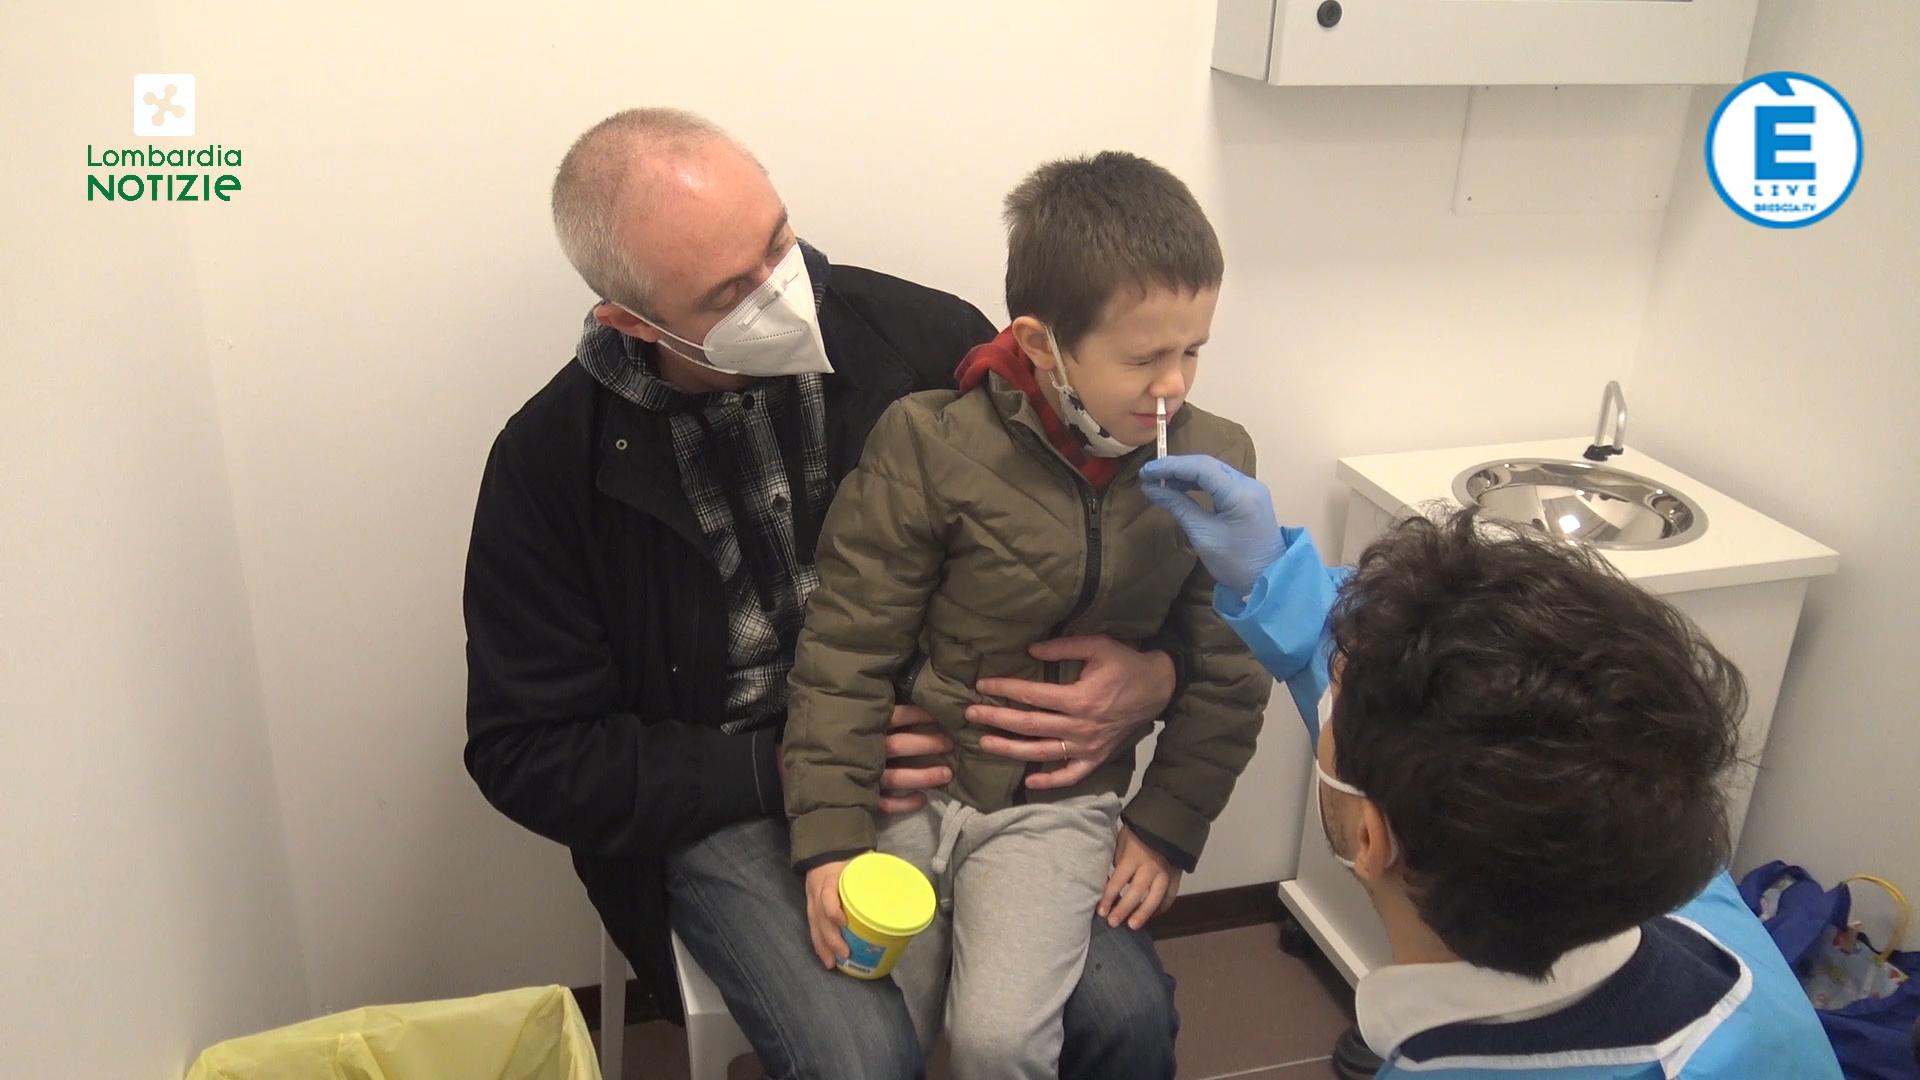 A Milano il vaccino antinfluenzale per i bambini dai 2 ai 6 anni. È un semplice spray nasale